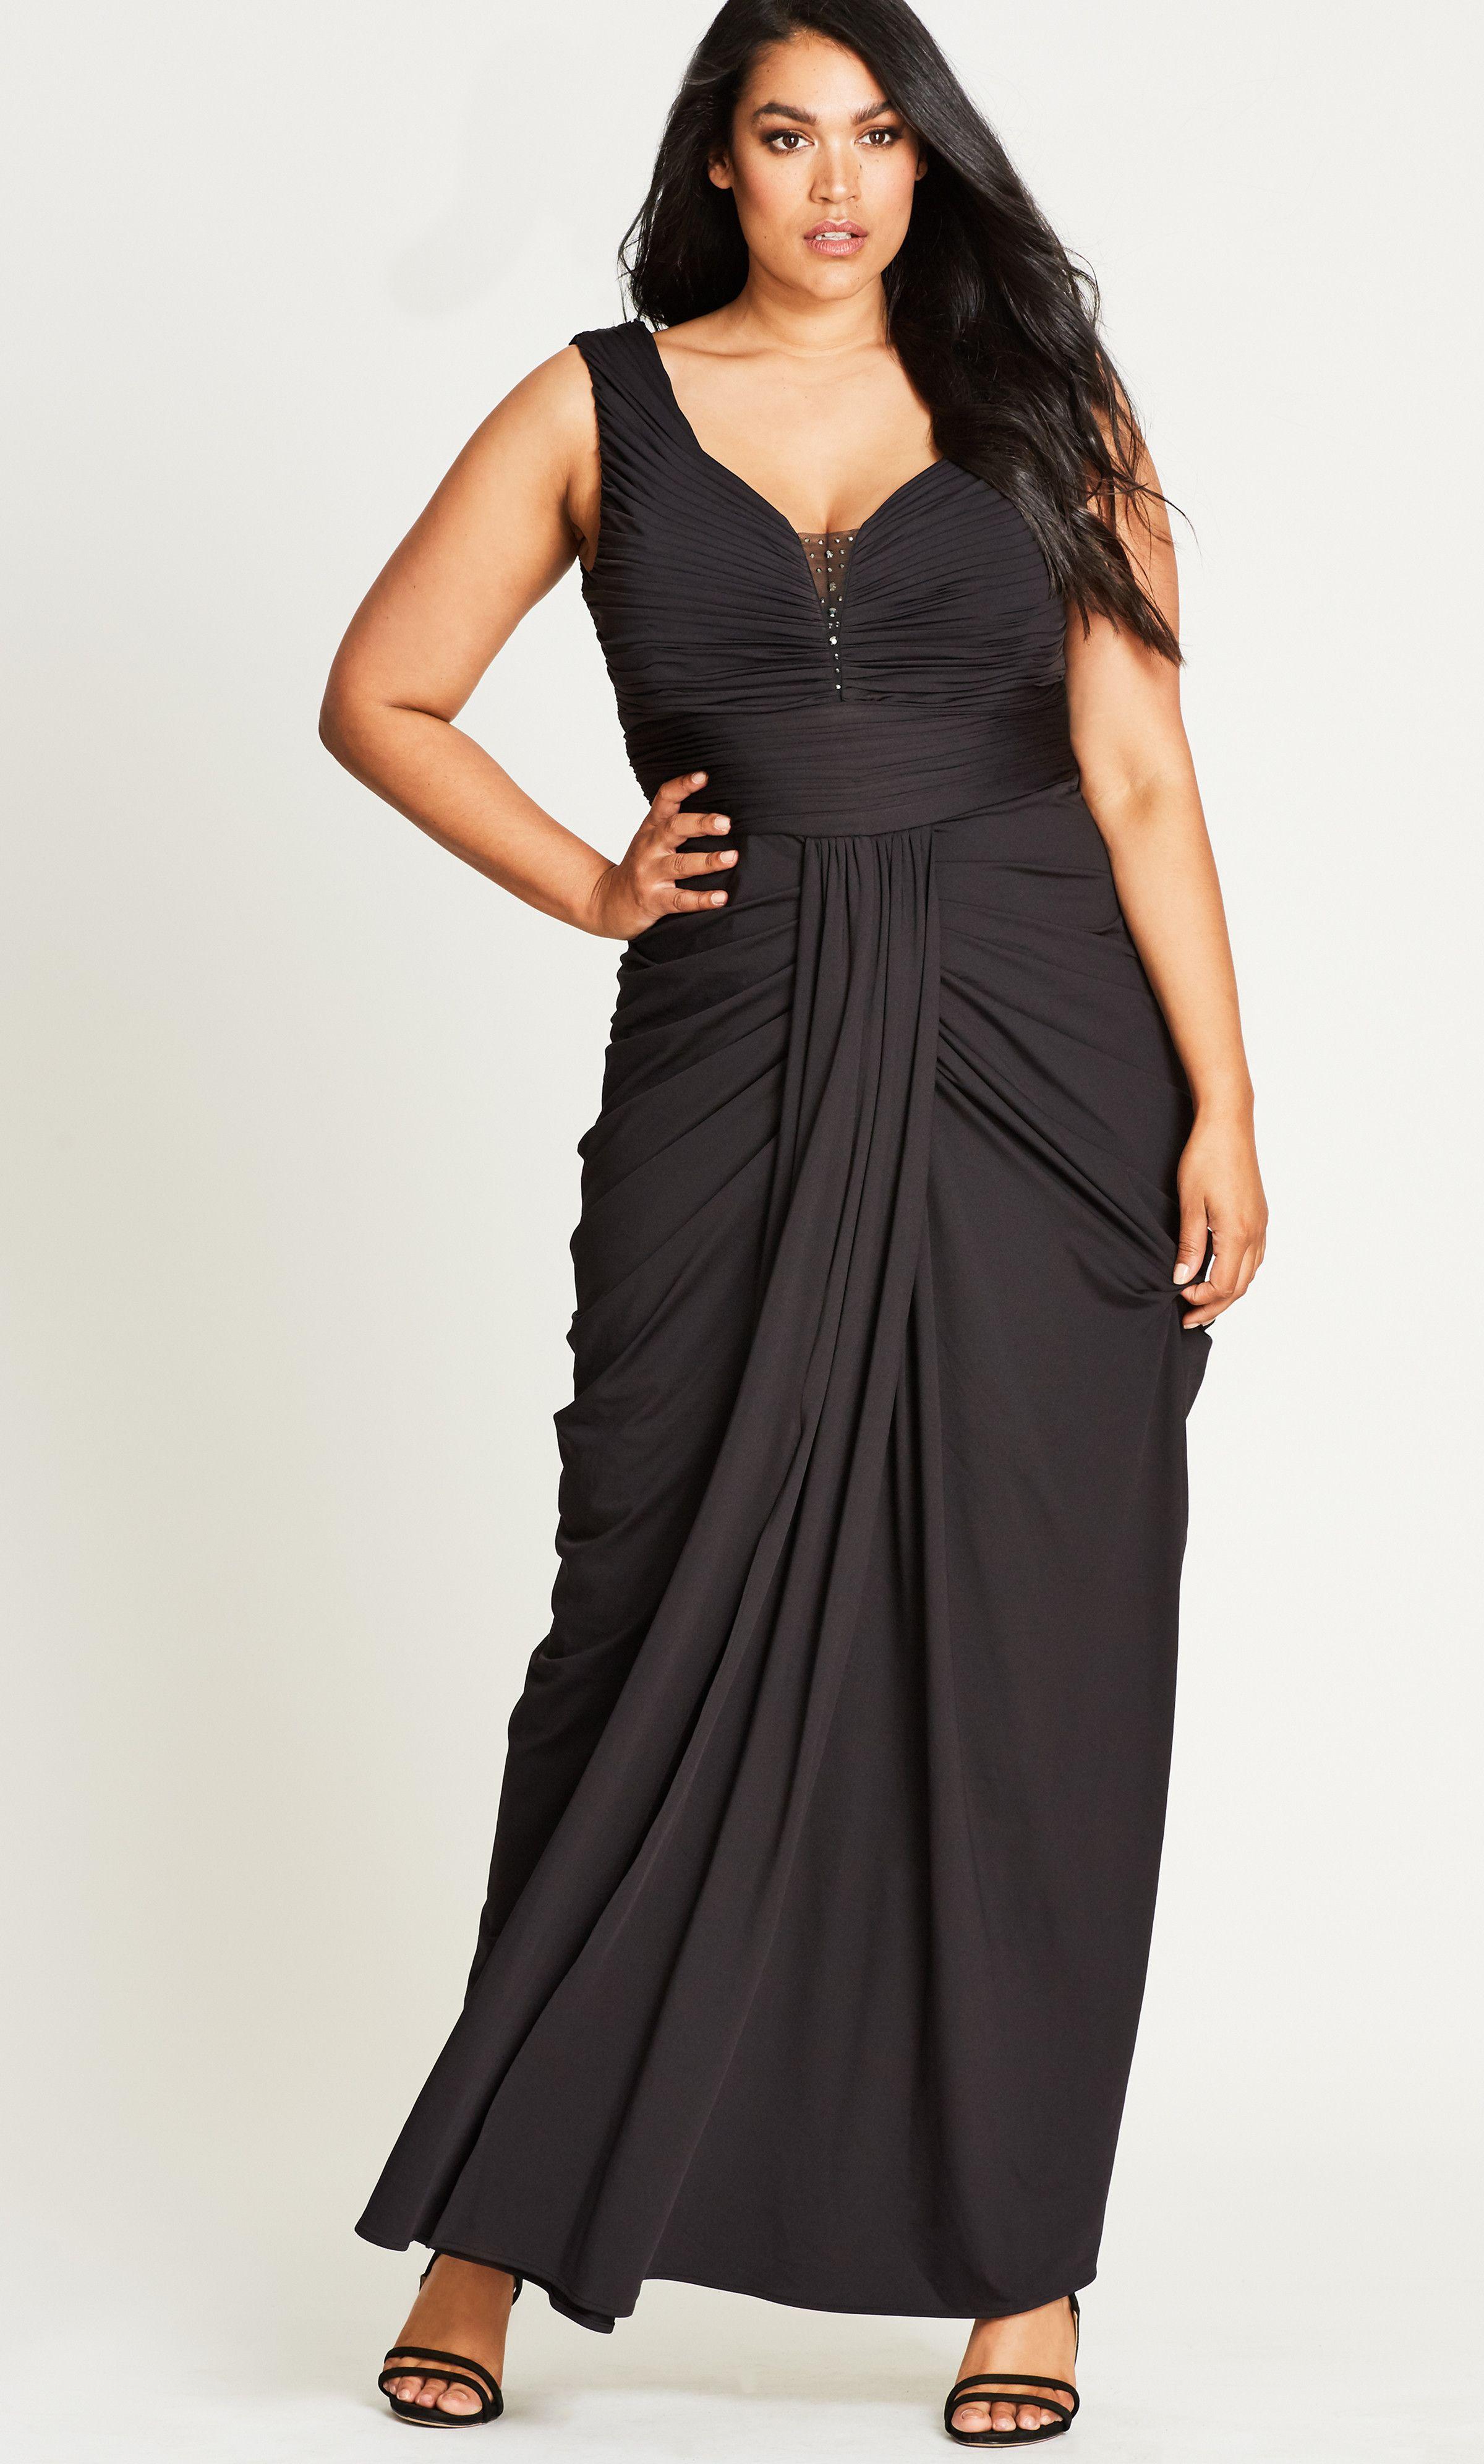 131fc0f7c17 Shop Women s Plus Size Seduce Me Black Plus Size Maxi Dress - Special  Occasion - Dresses